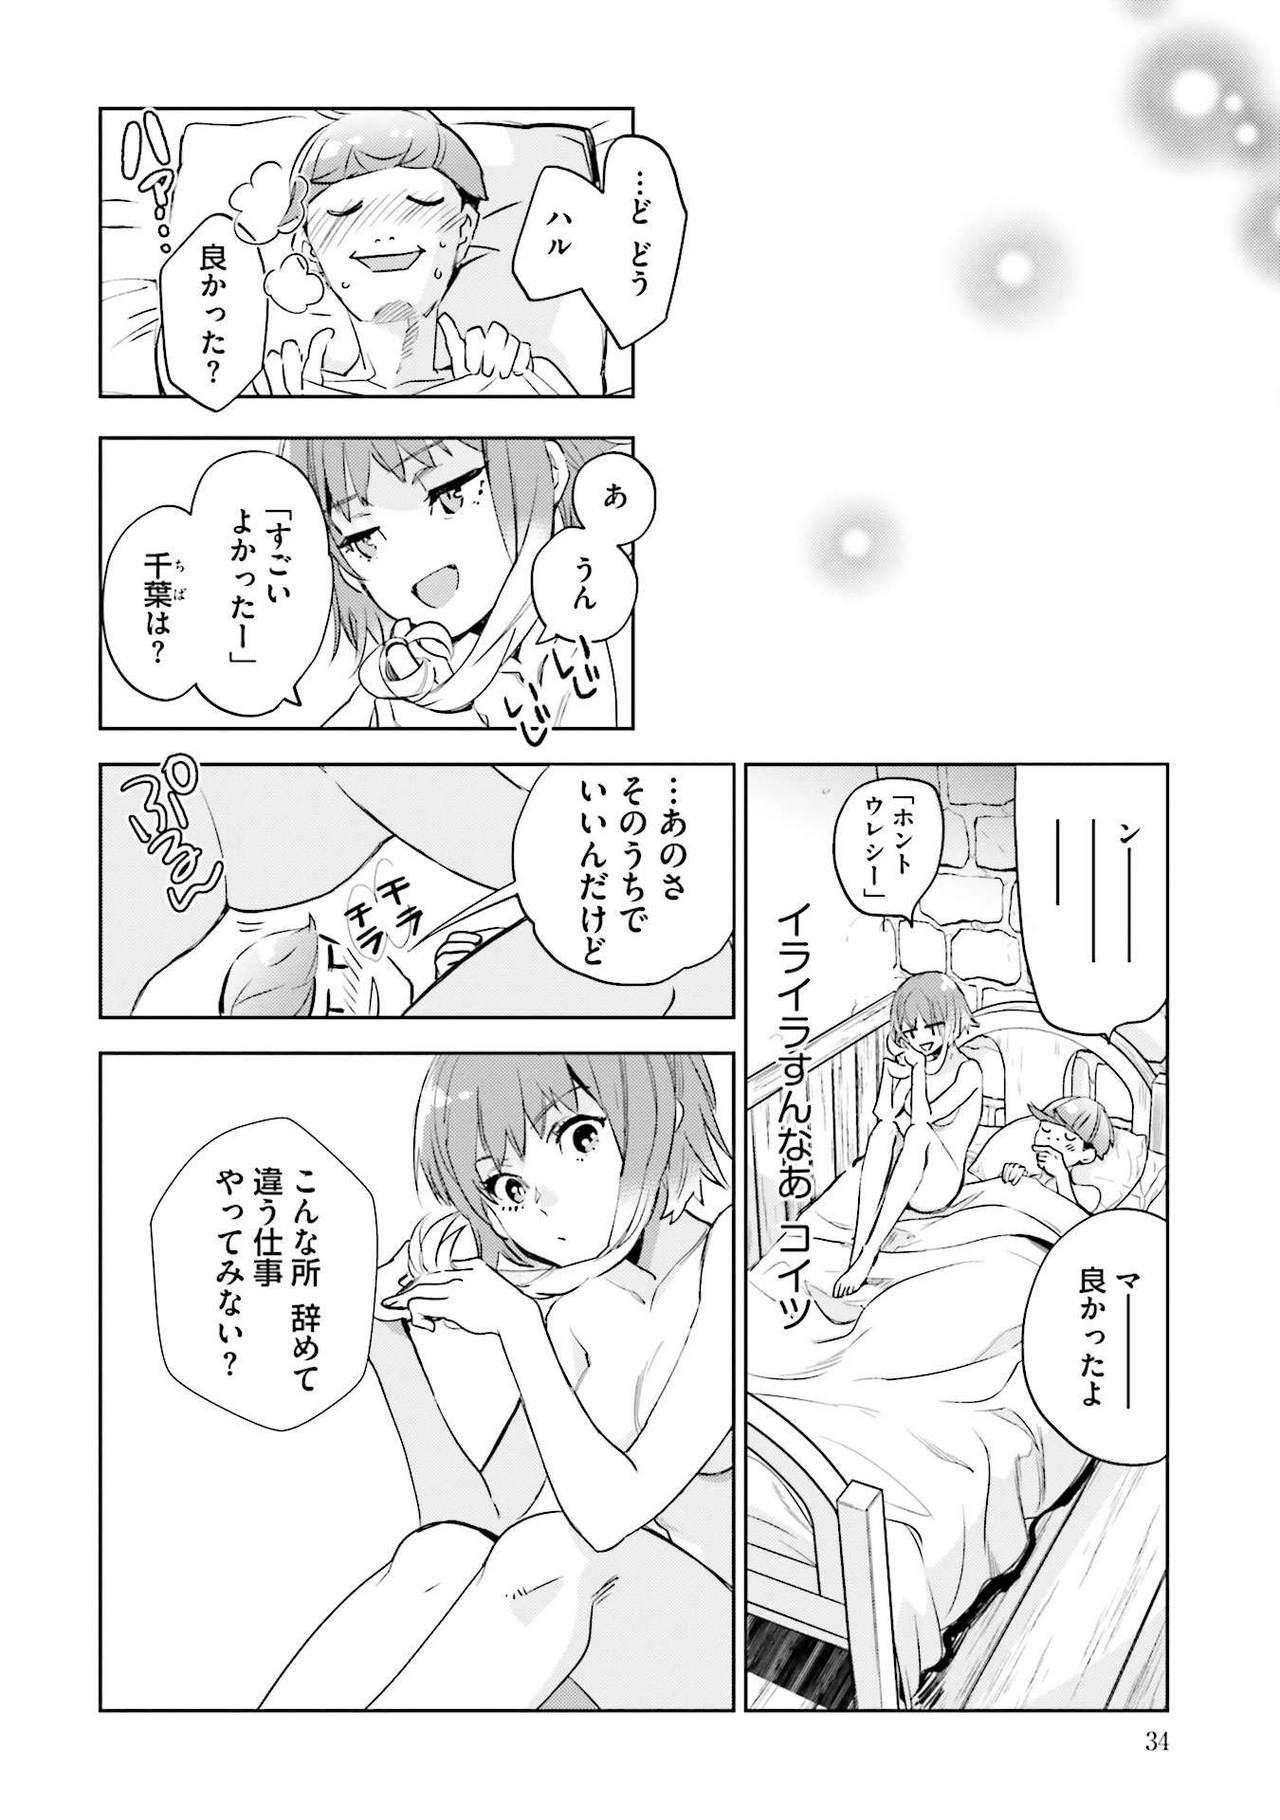 JK Haru wa Isekai de Shoufu ni Natta 1-14 35